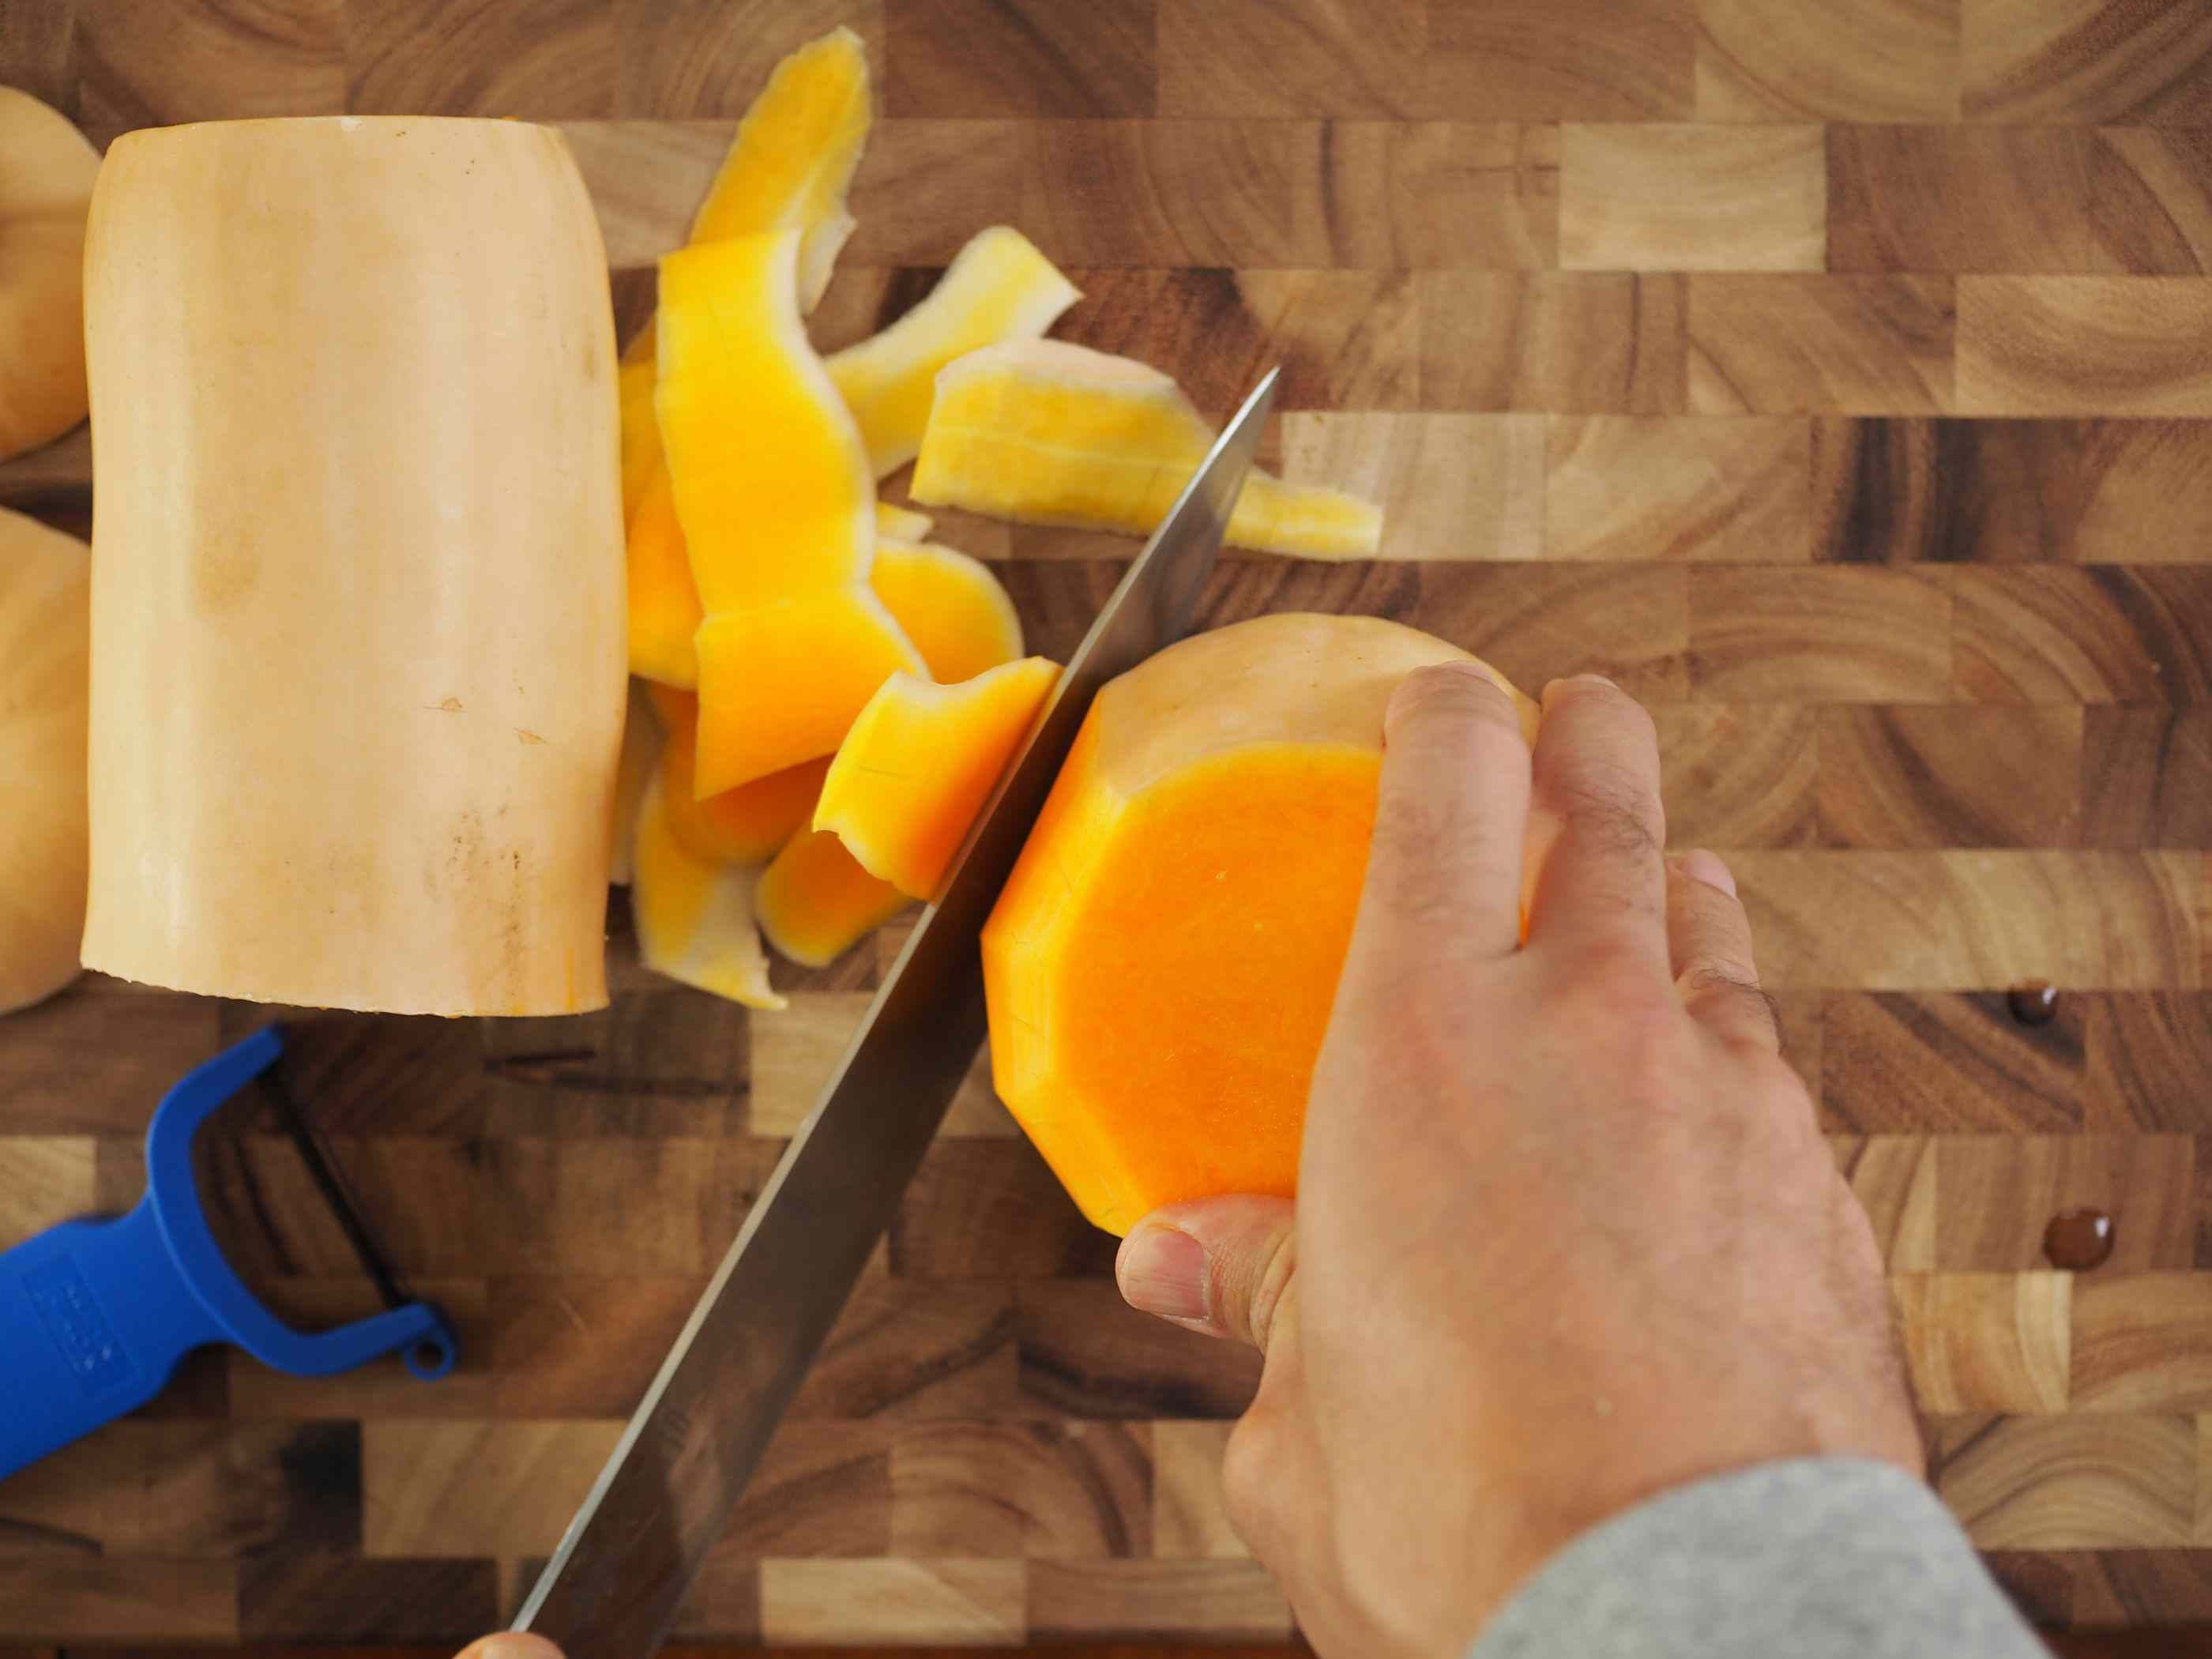 20141008-knife-skills-butternut-squash-daniel-gritzer08.jpg